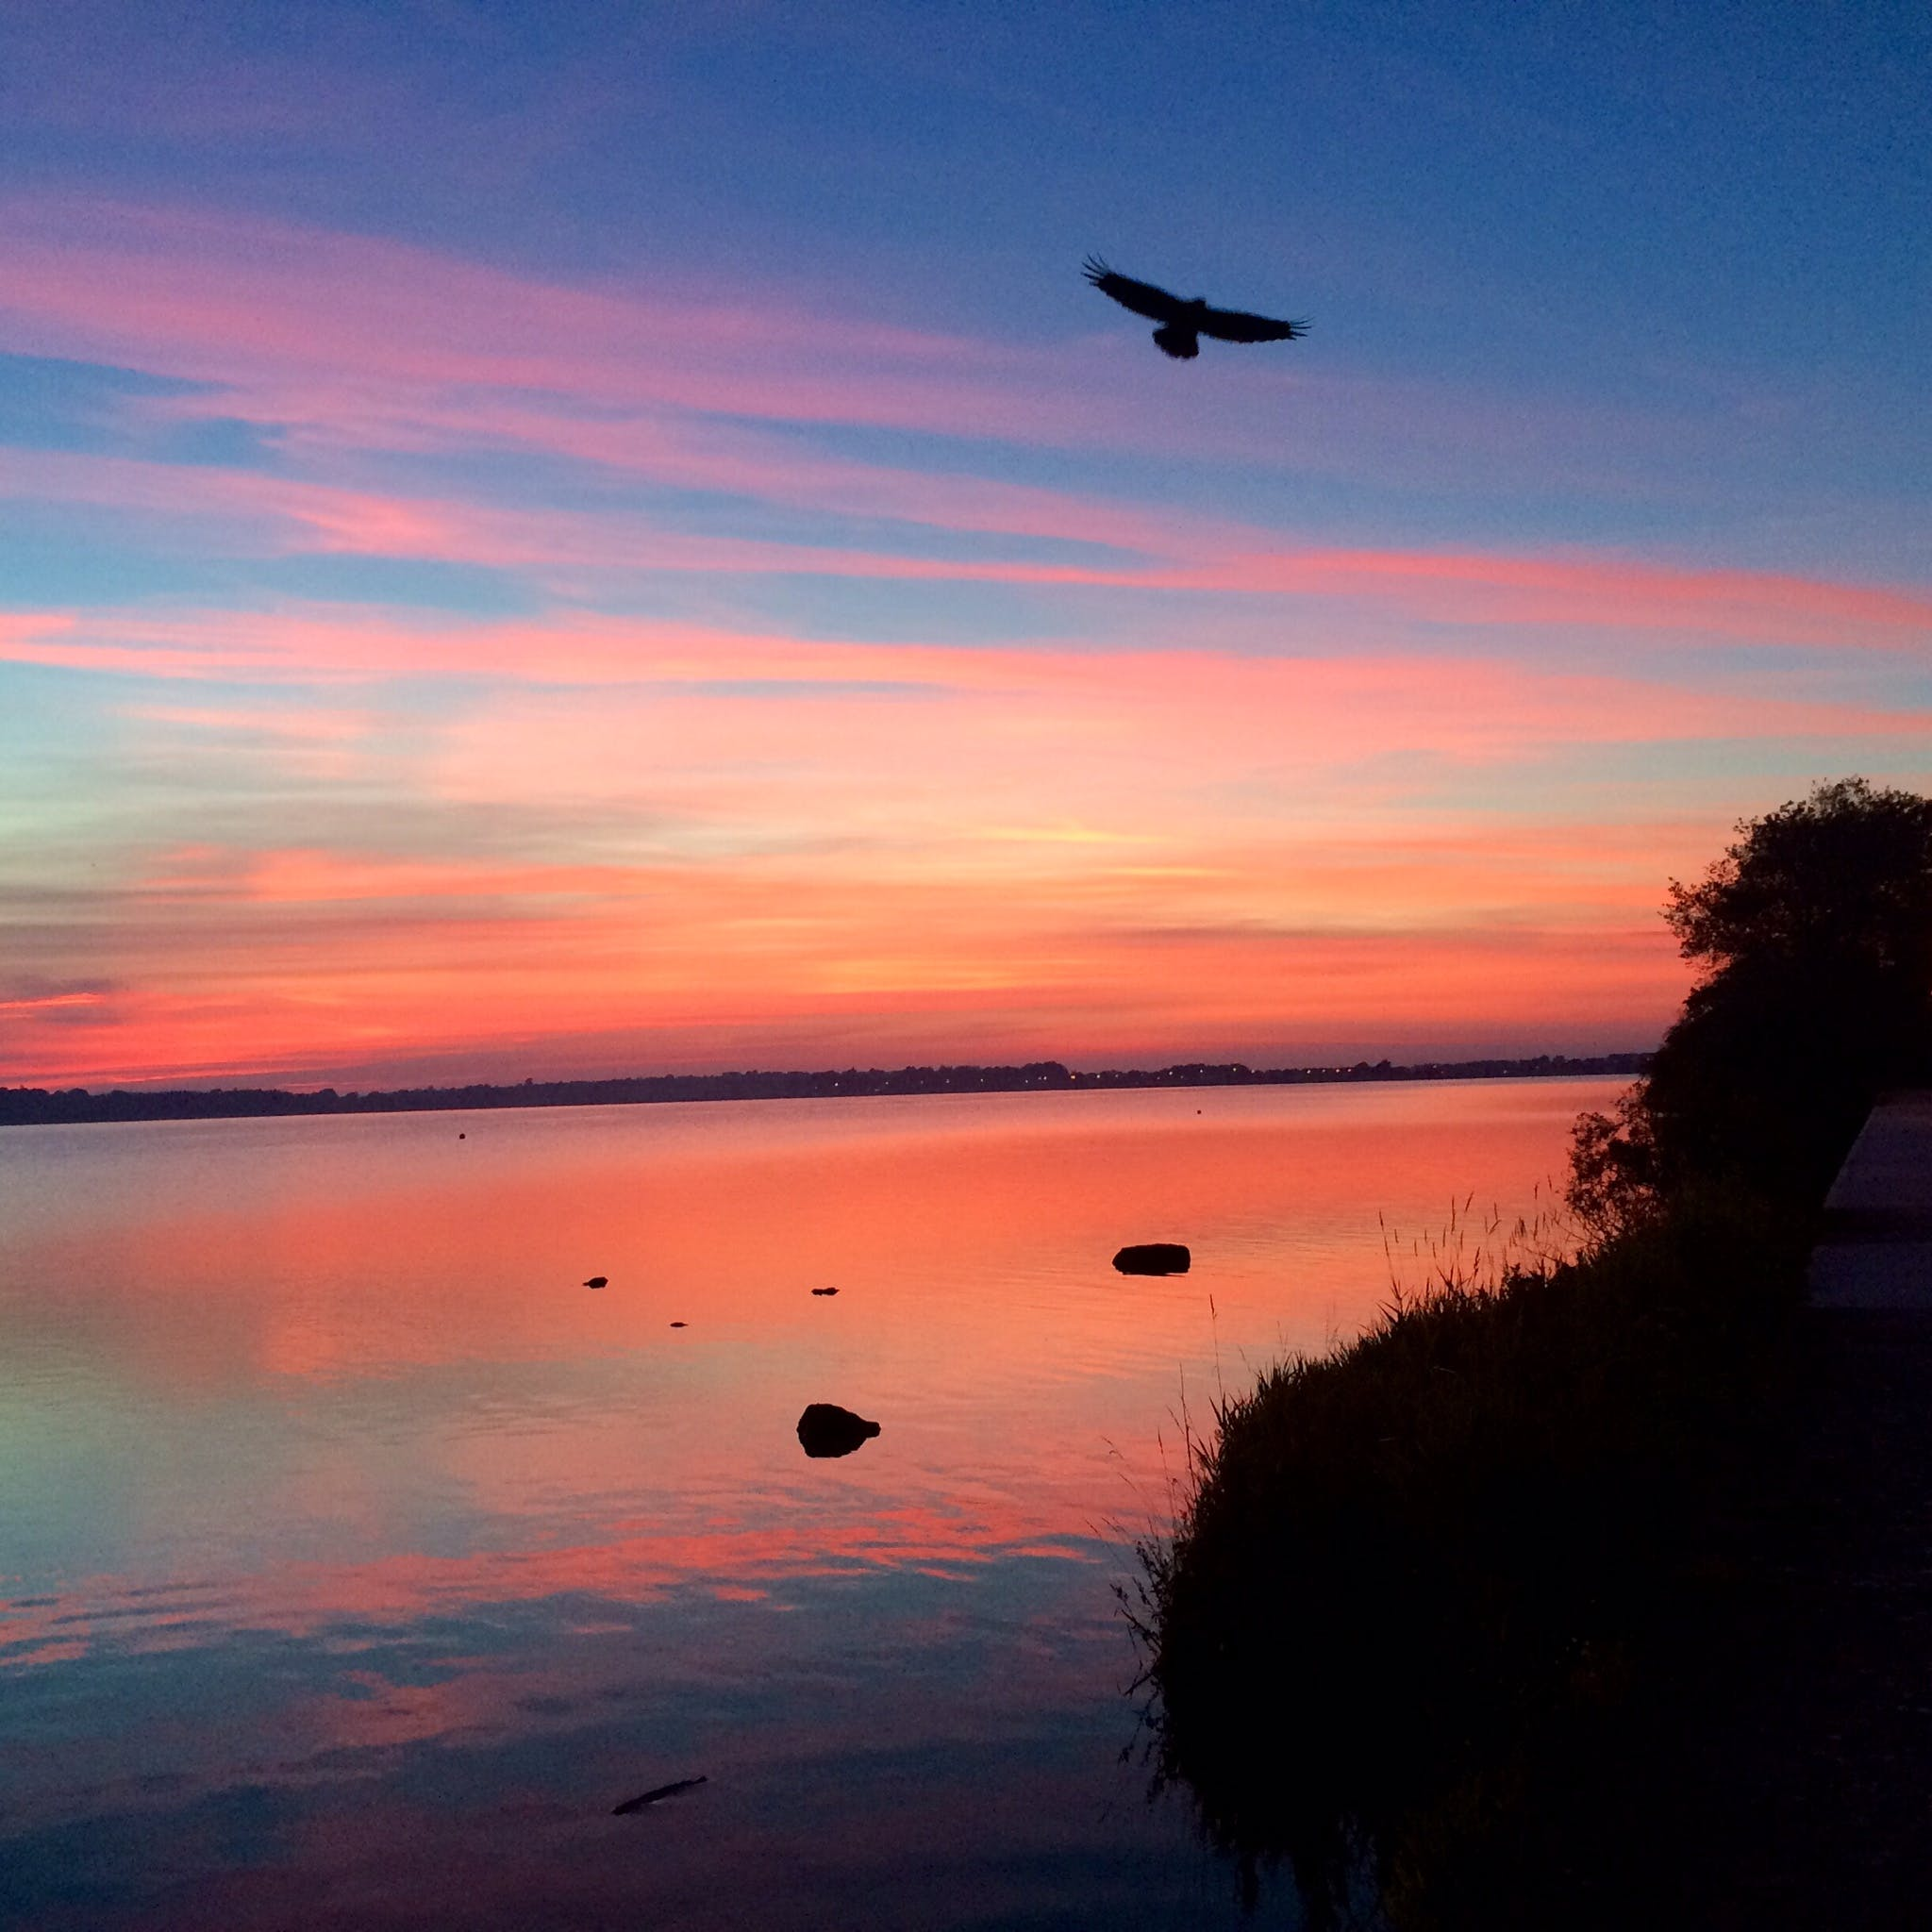 Free stock photo of bird, Galway, lake, sunset